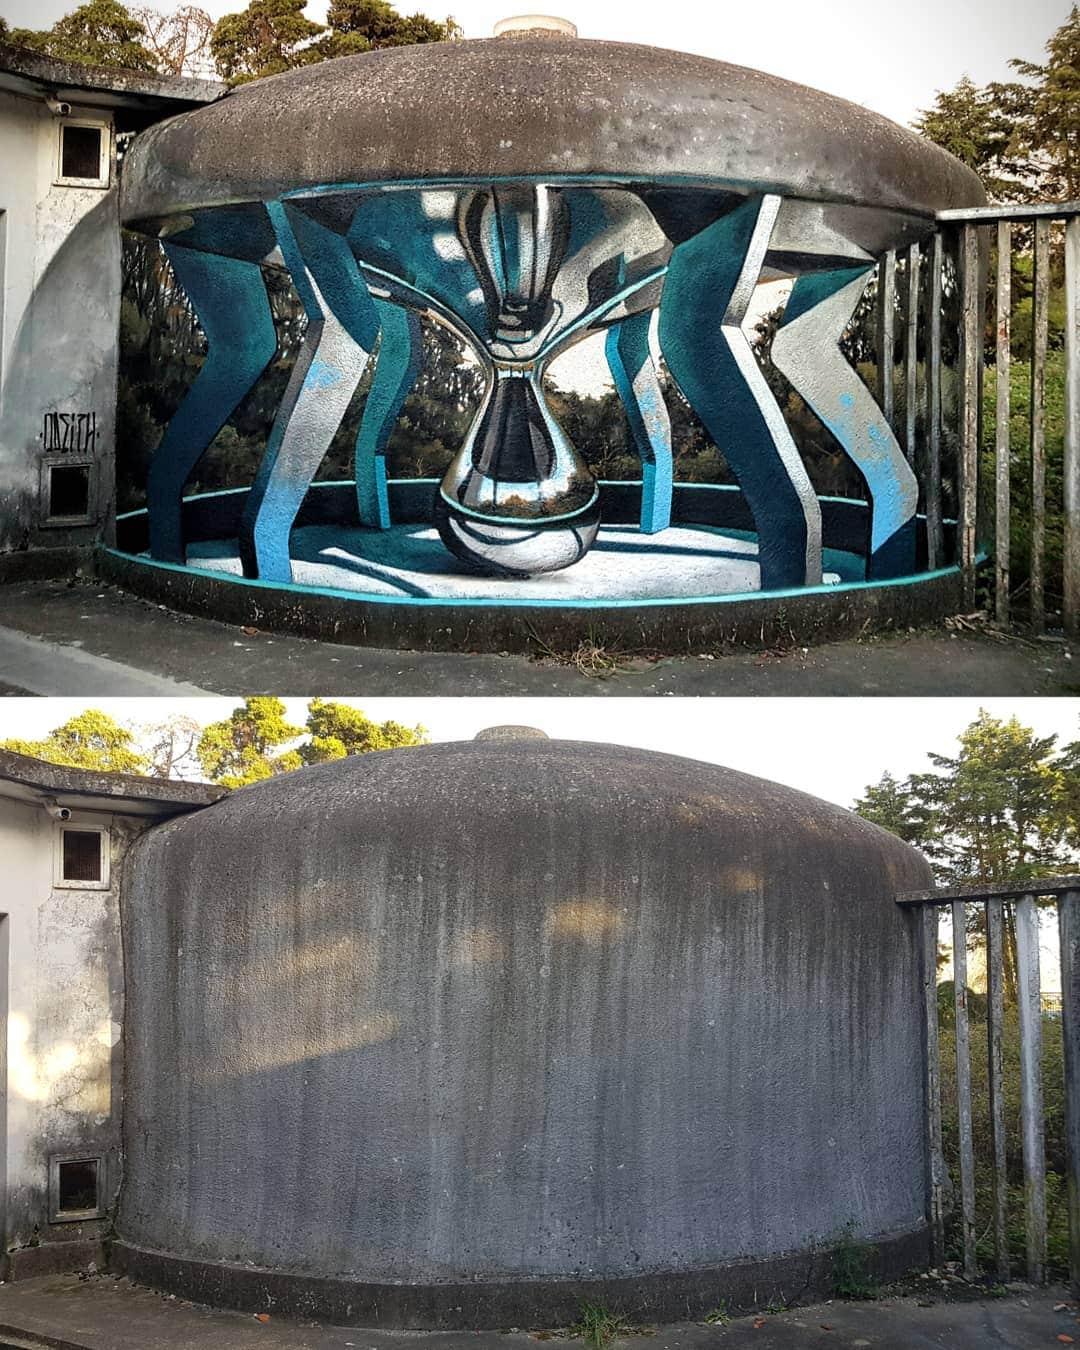 1565697715 338920fa08471c6cb5bdd3797167002d - 20 работ художника, который превращает невзрачные стены в невероятно реалистичные 3D-граффити